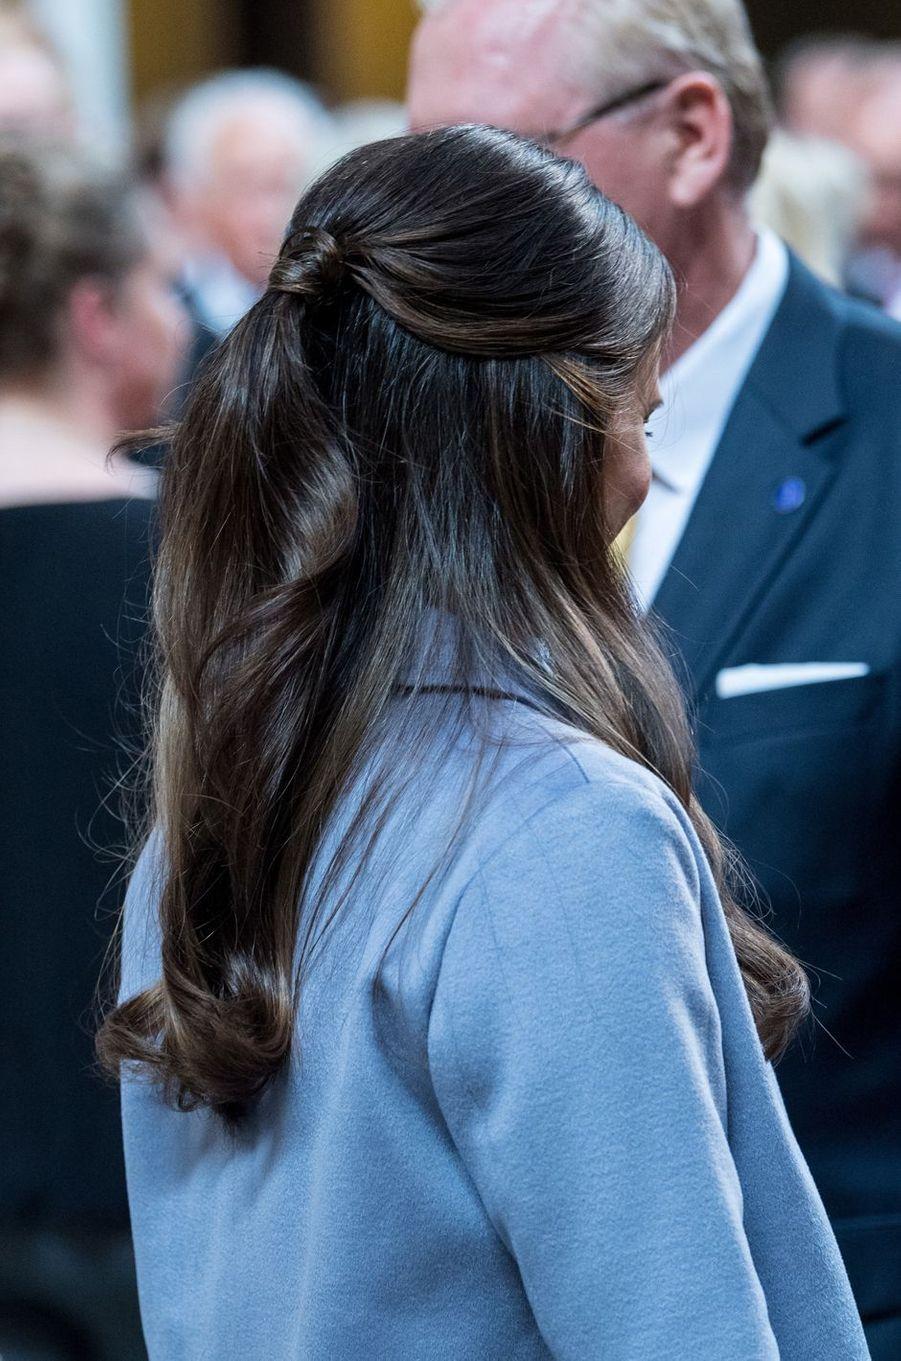 La coiffure de la princesse Sofia de Suède, née Hellqvist, à Stockholm, le 9 juin 2017